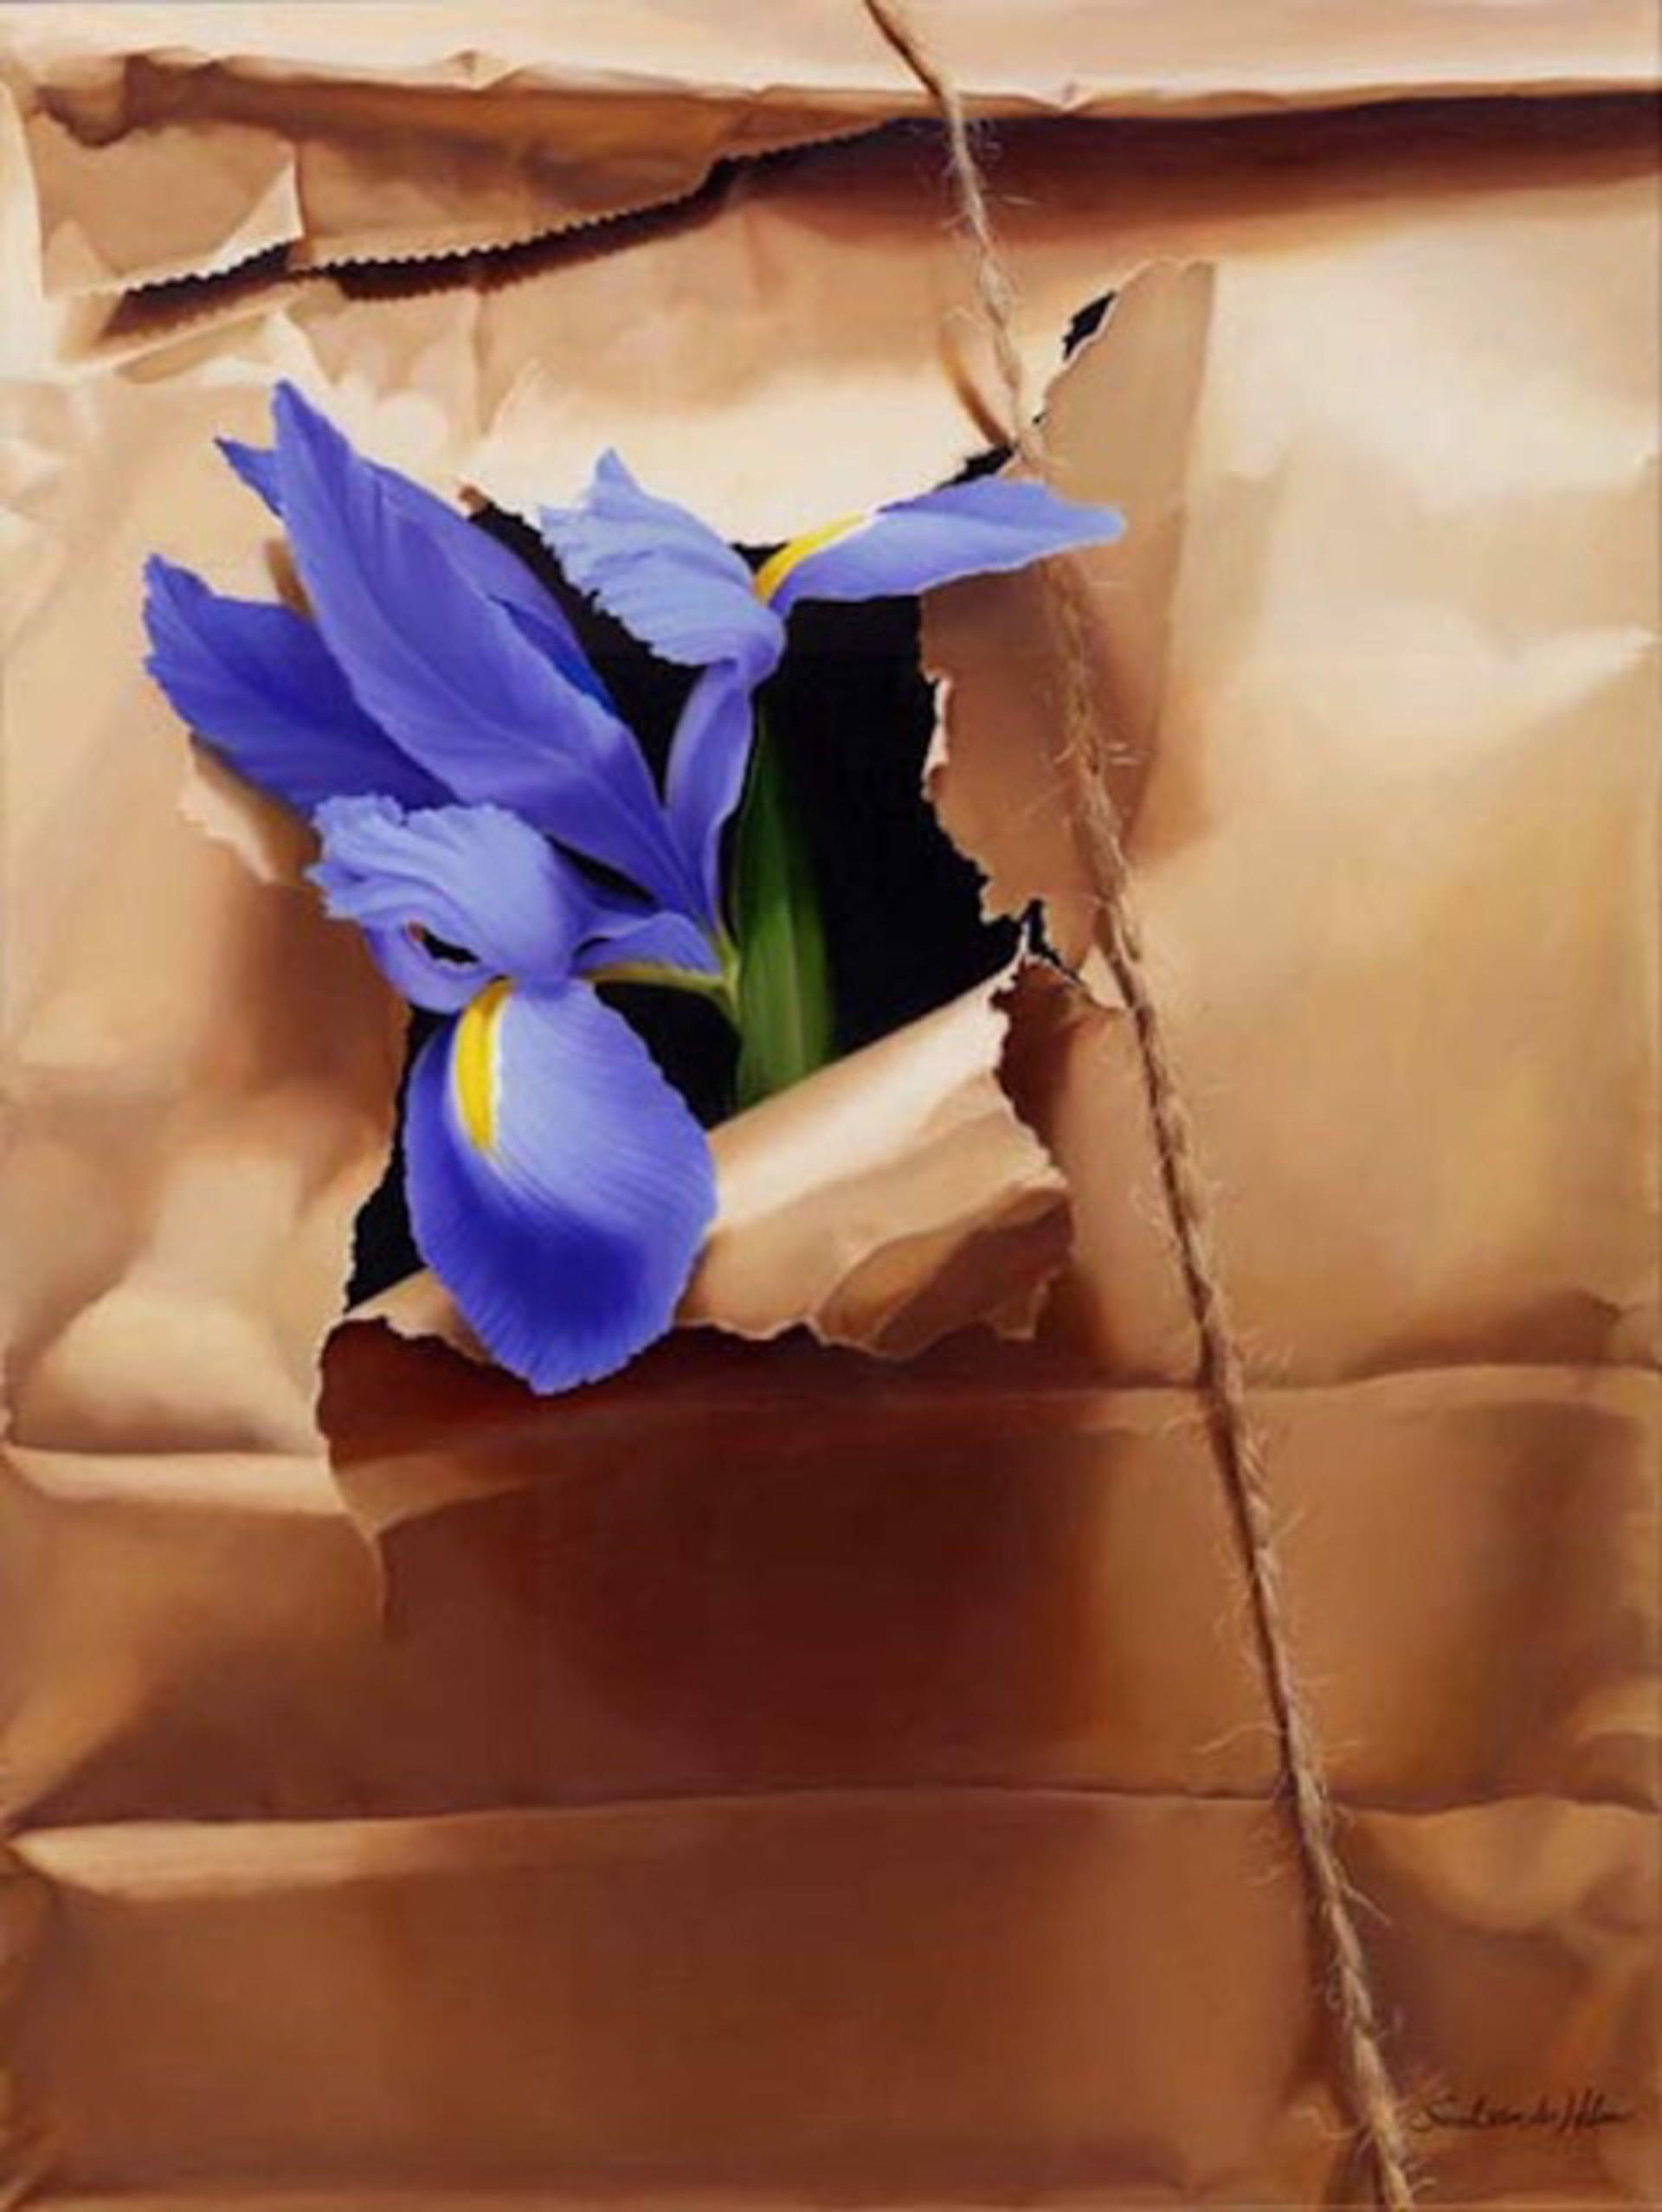 Iris in Brown Paper Sack by Sarah van der Helm